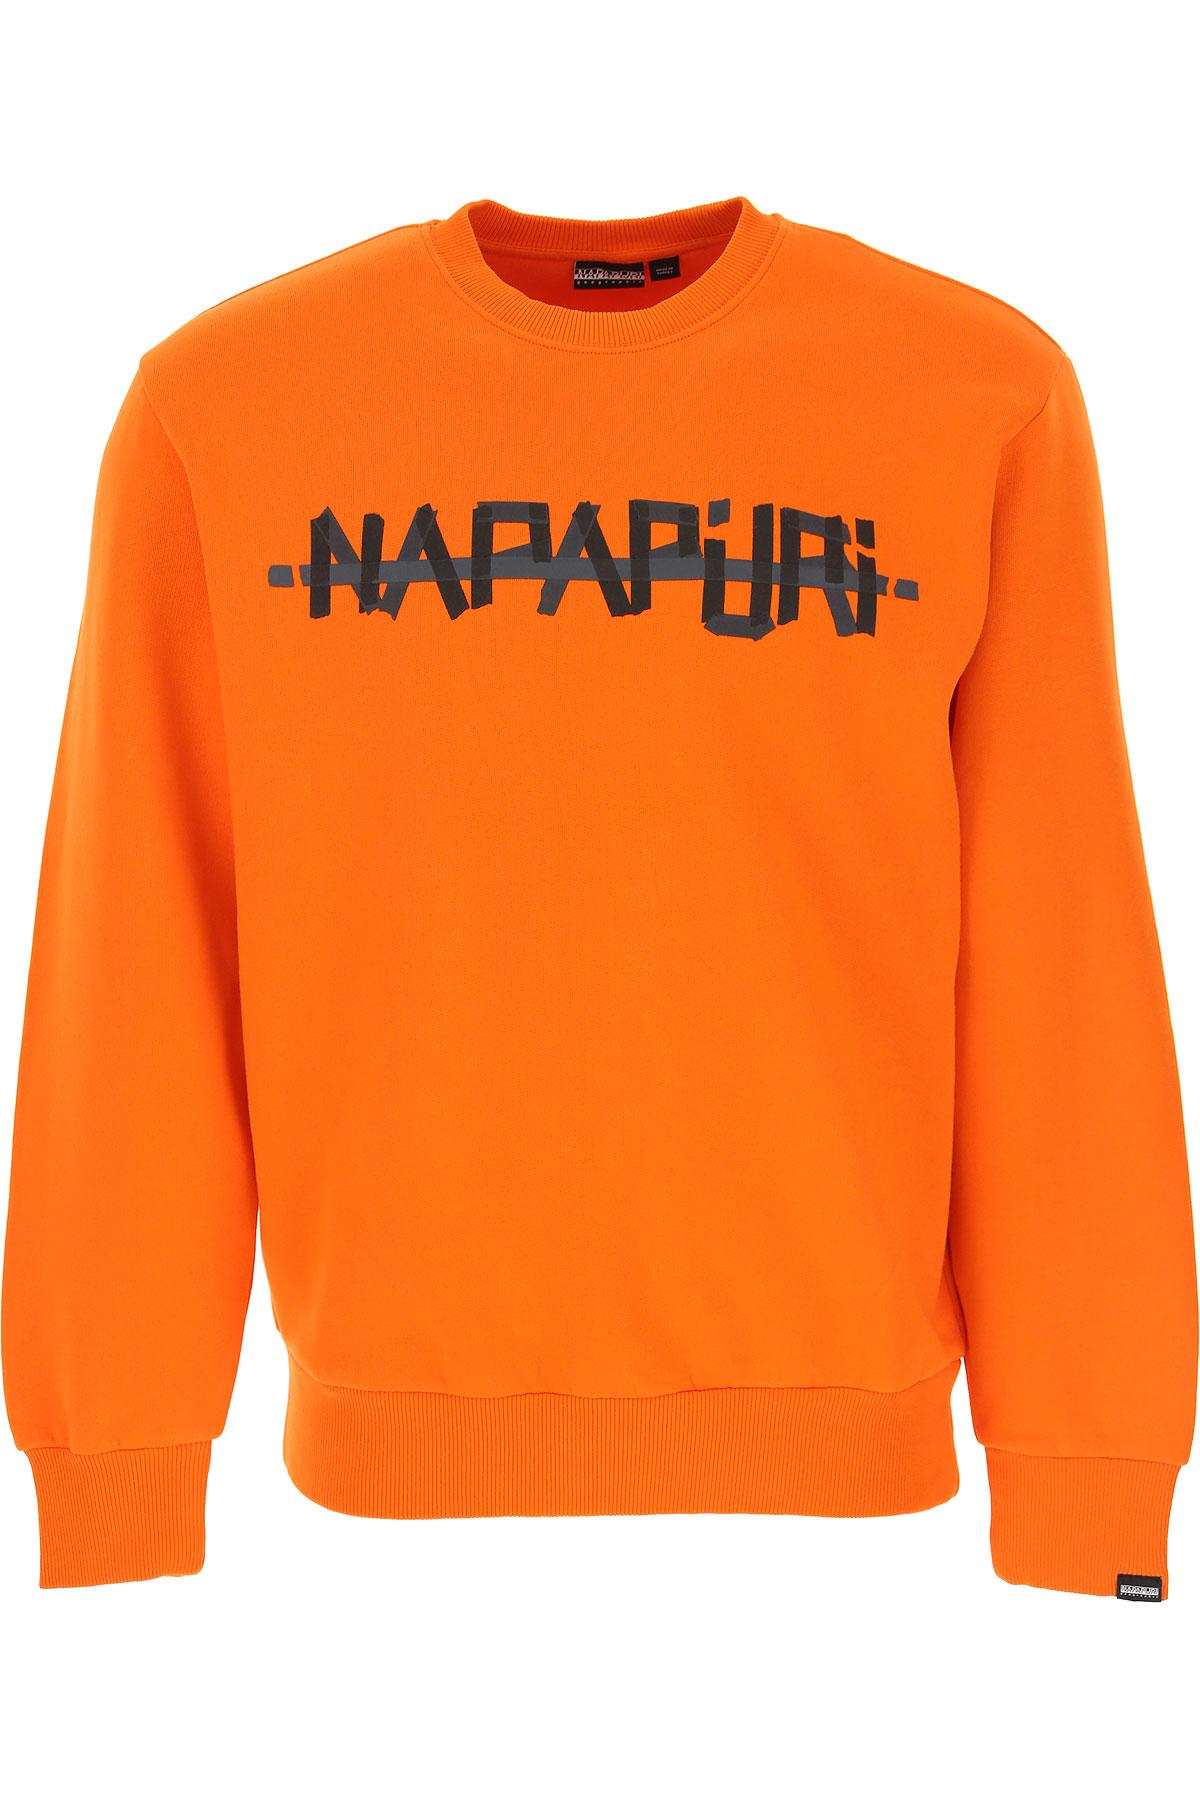 Napapijri Sweatshirt for Men On Sale, Orange, Cotton, 2019, L M S XS